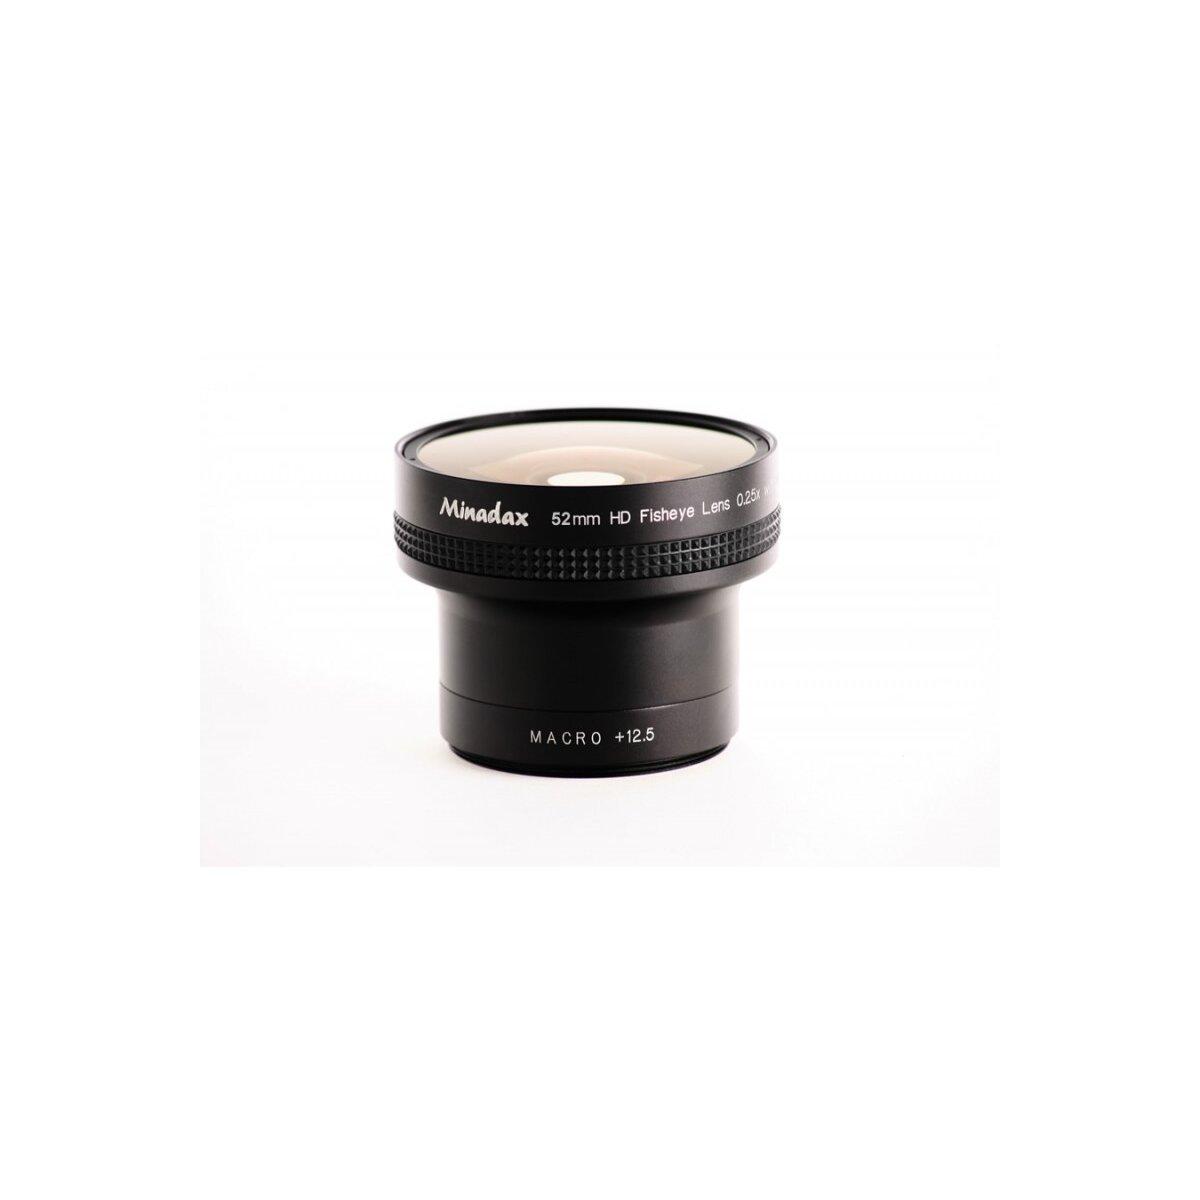 0.25x Minadax Fisheye Vorsatz kompatibel mit Nikon Coolpix P5000, P5100 Ersatz für UR-E22 - in schwarz